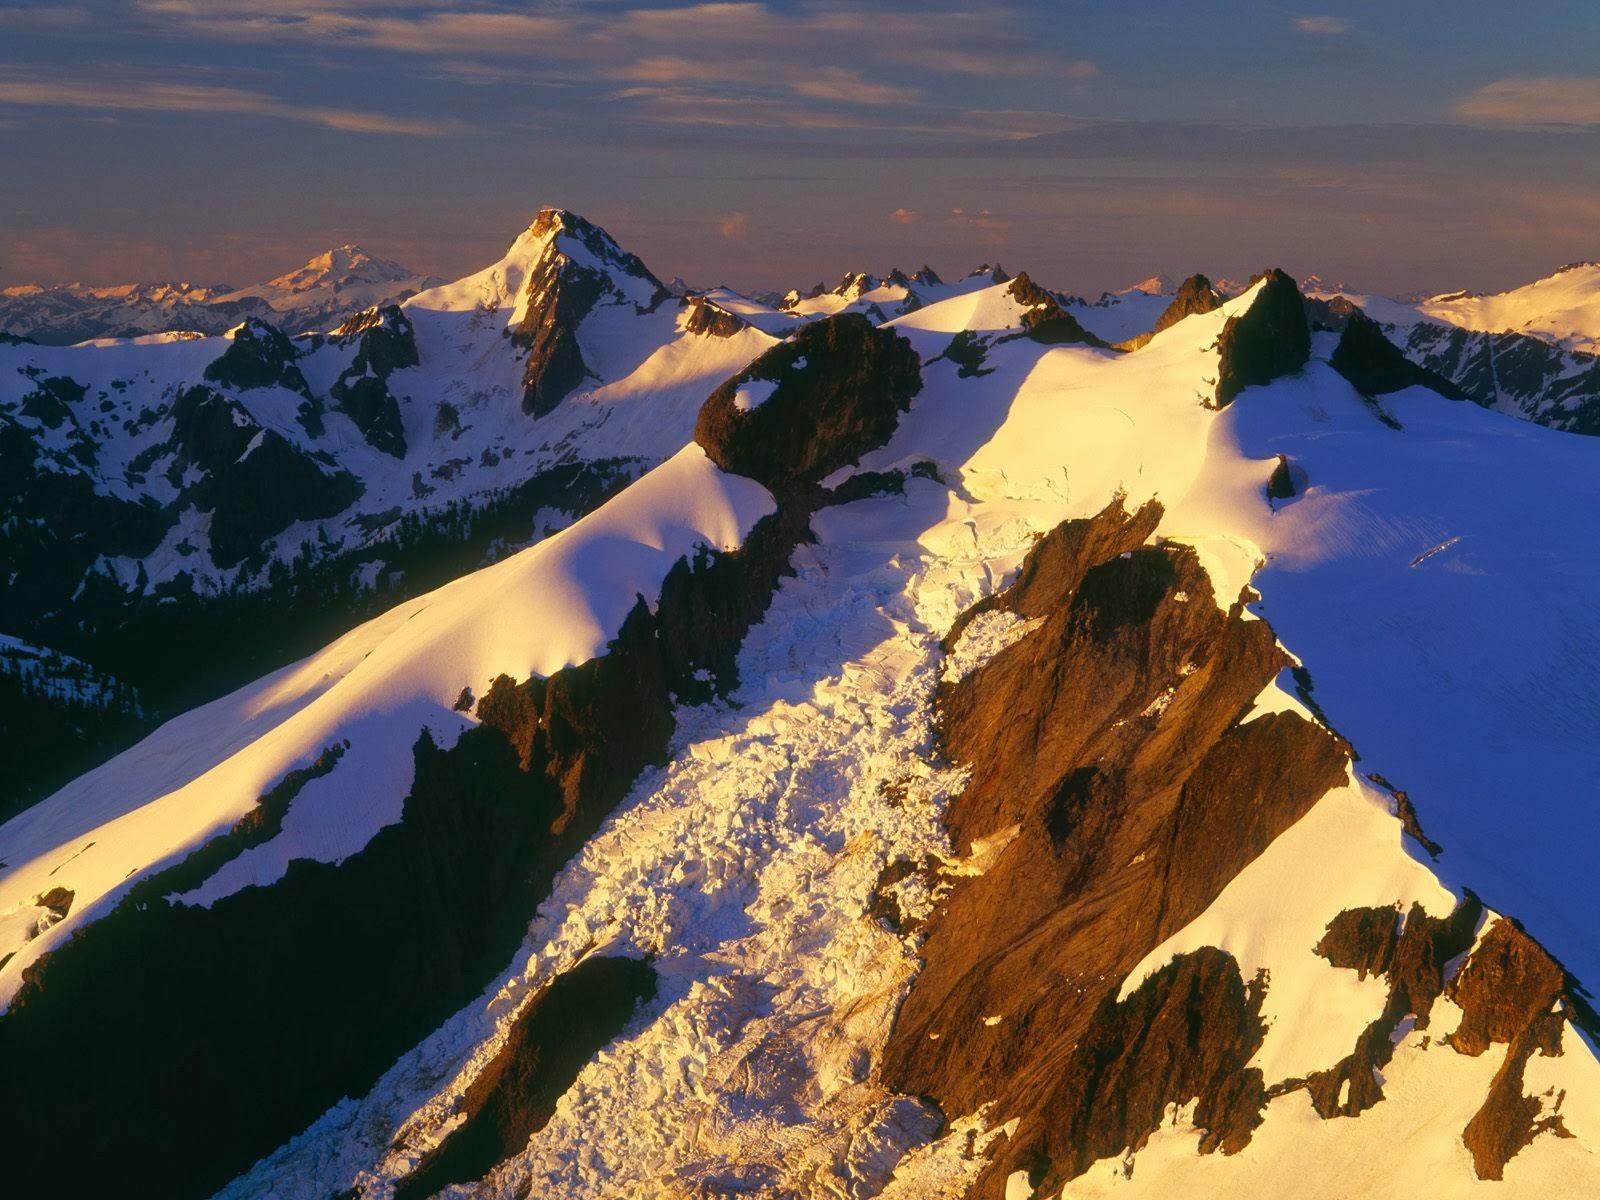 Fondo De Escritorio Montañas Nevadas: Imagenes, Fondos De Pantallas Y Variedades : Fondo De